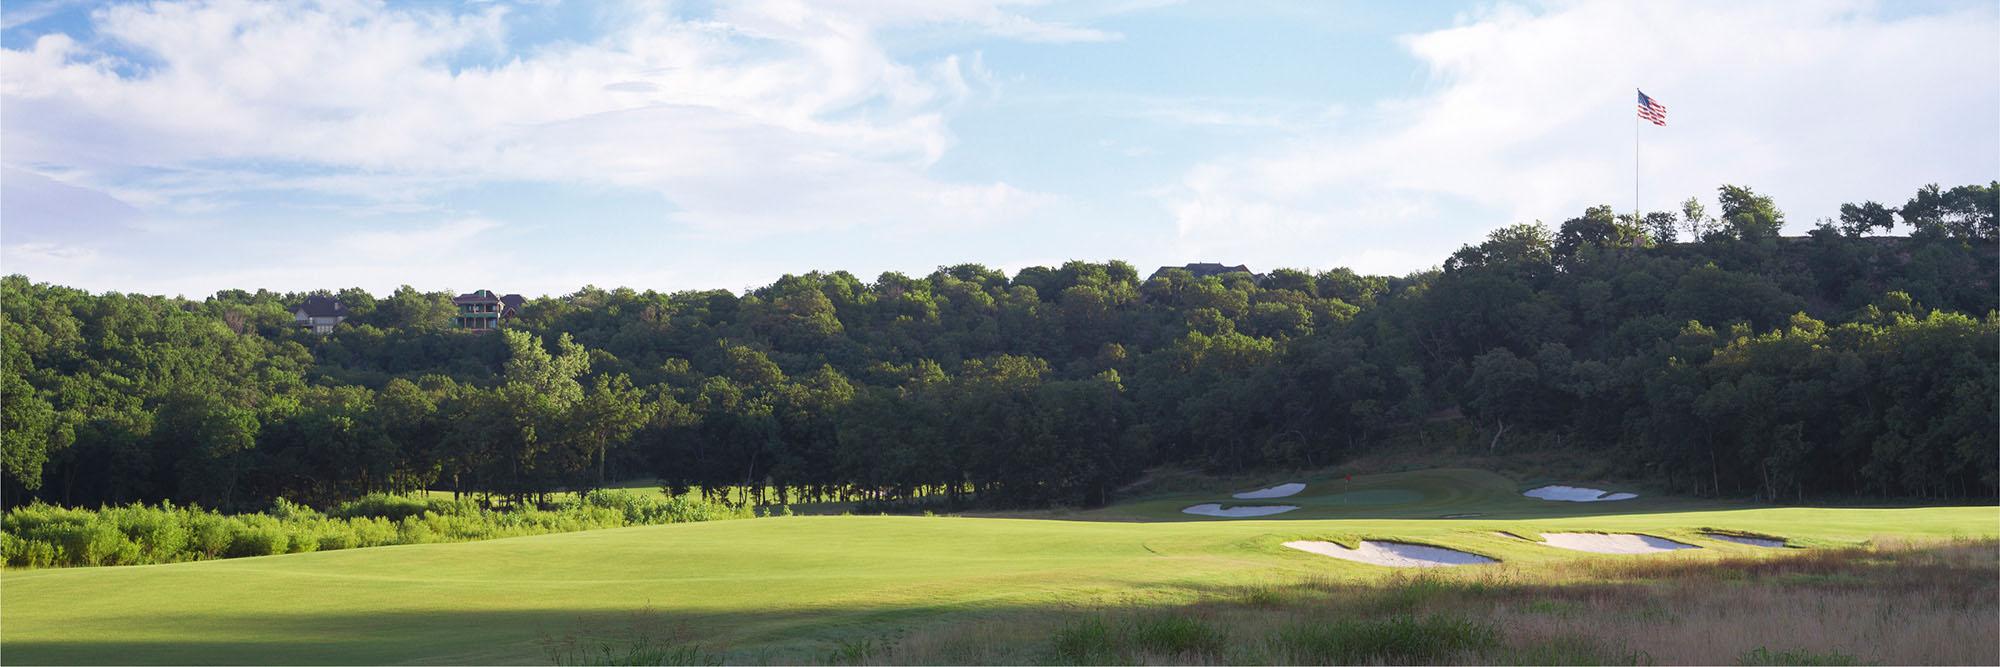 Golf Course Image - Patriot No. 16